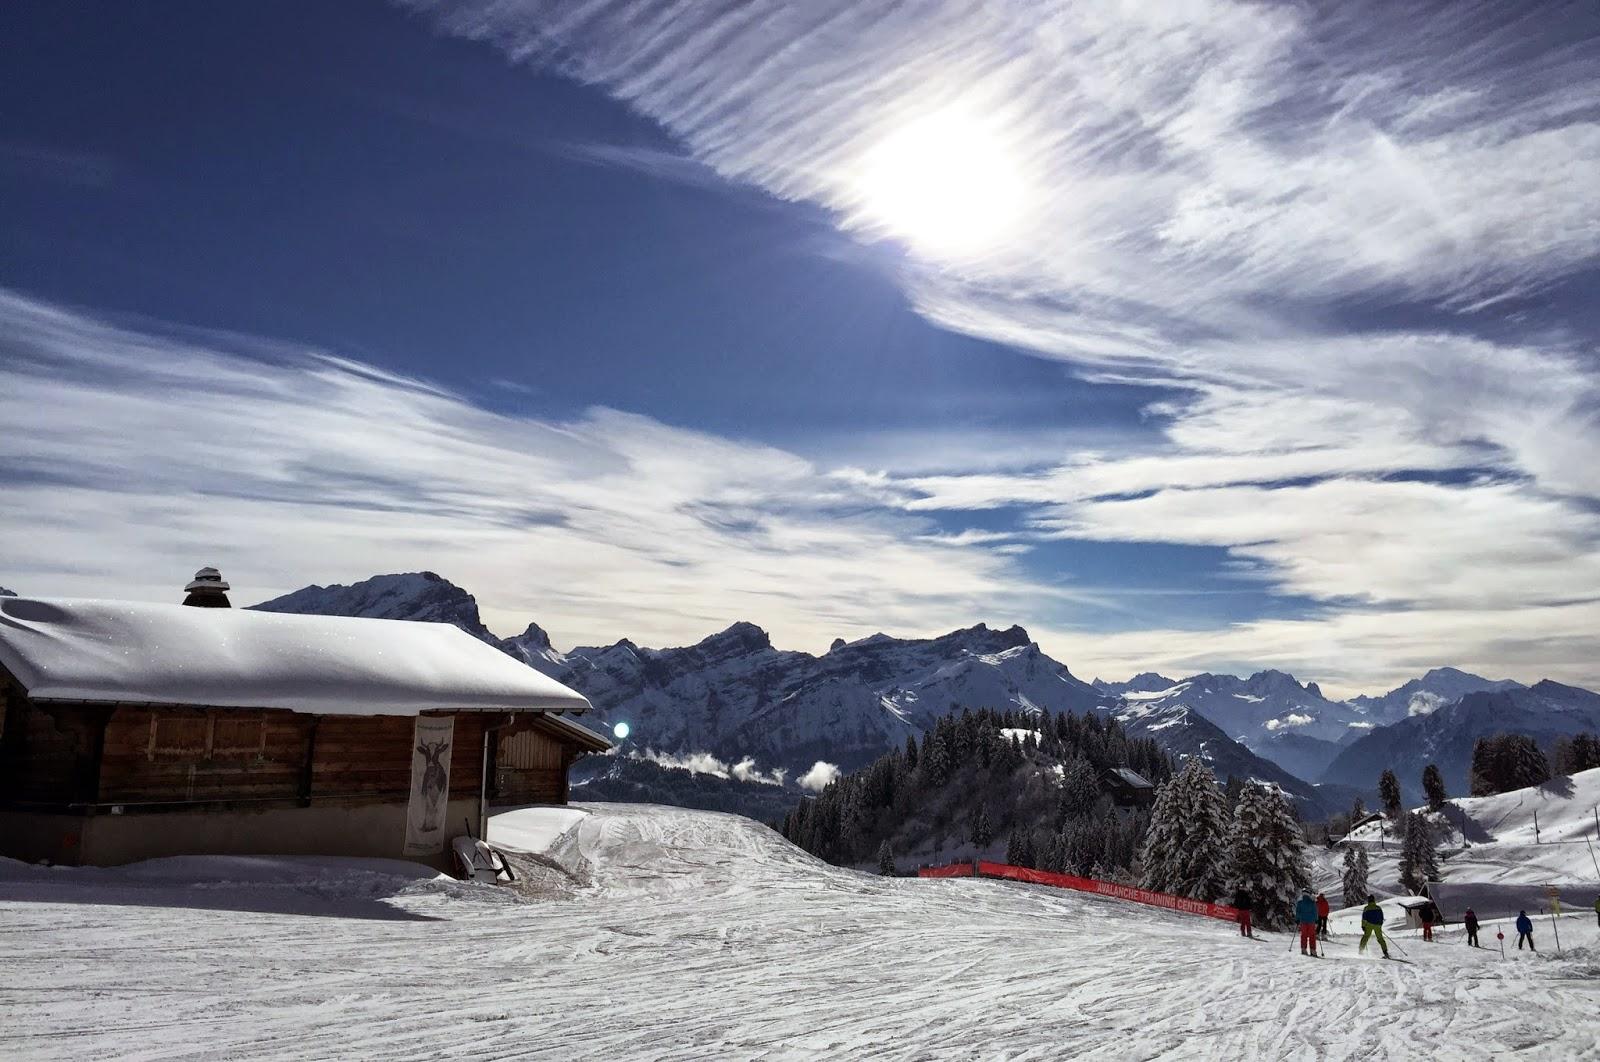 pistes ski villars-sur-ollon  diablerets location alquiler esquís